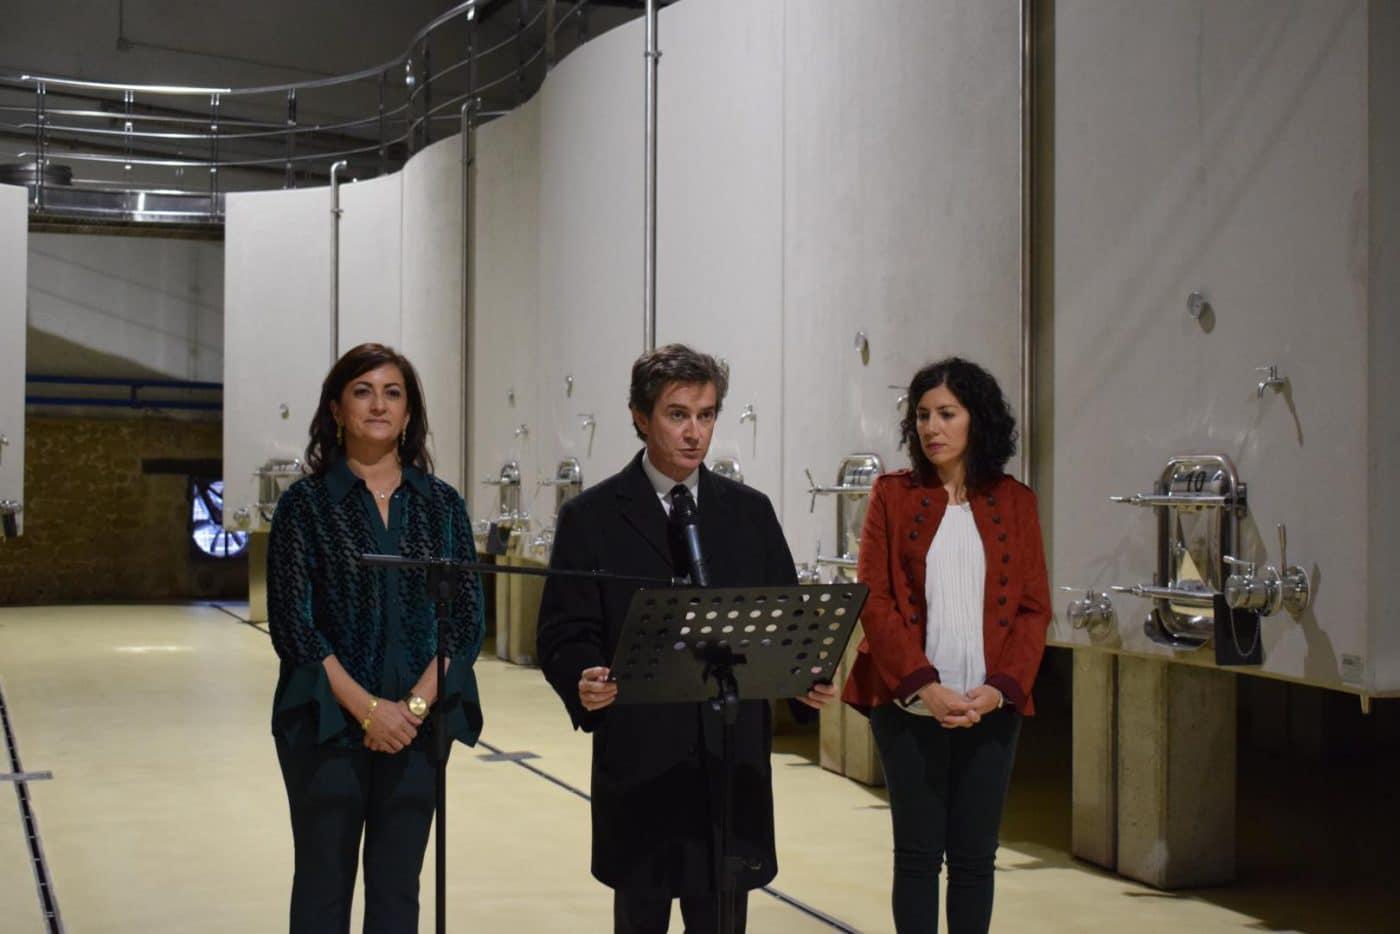 CVNE celebra su 140 aniversario con la ampliación de sus instalaciones en la histórica bodega de Haro 4